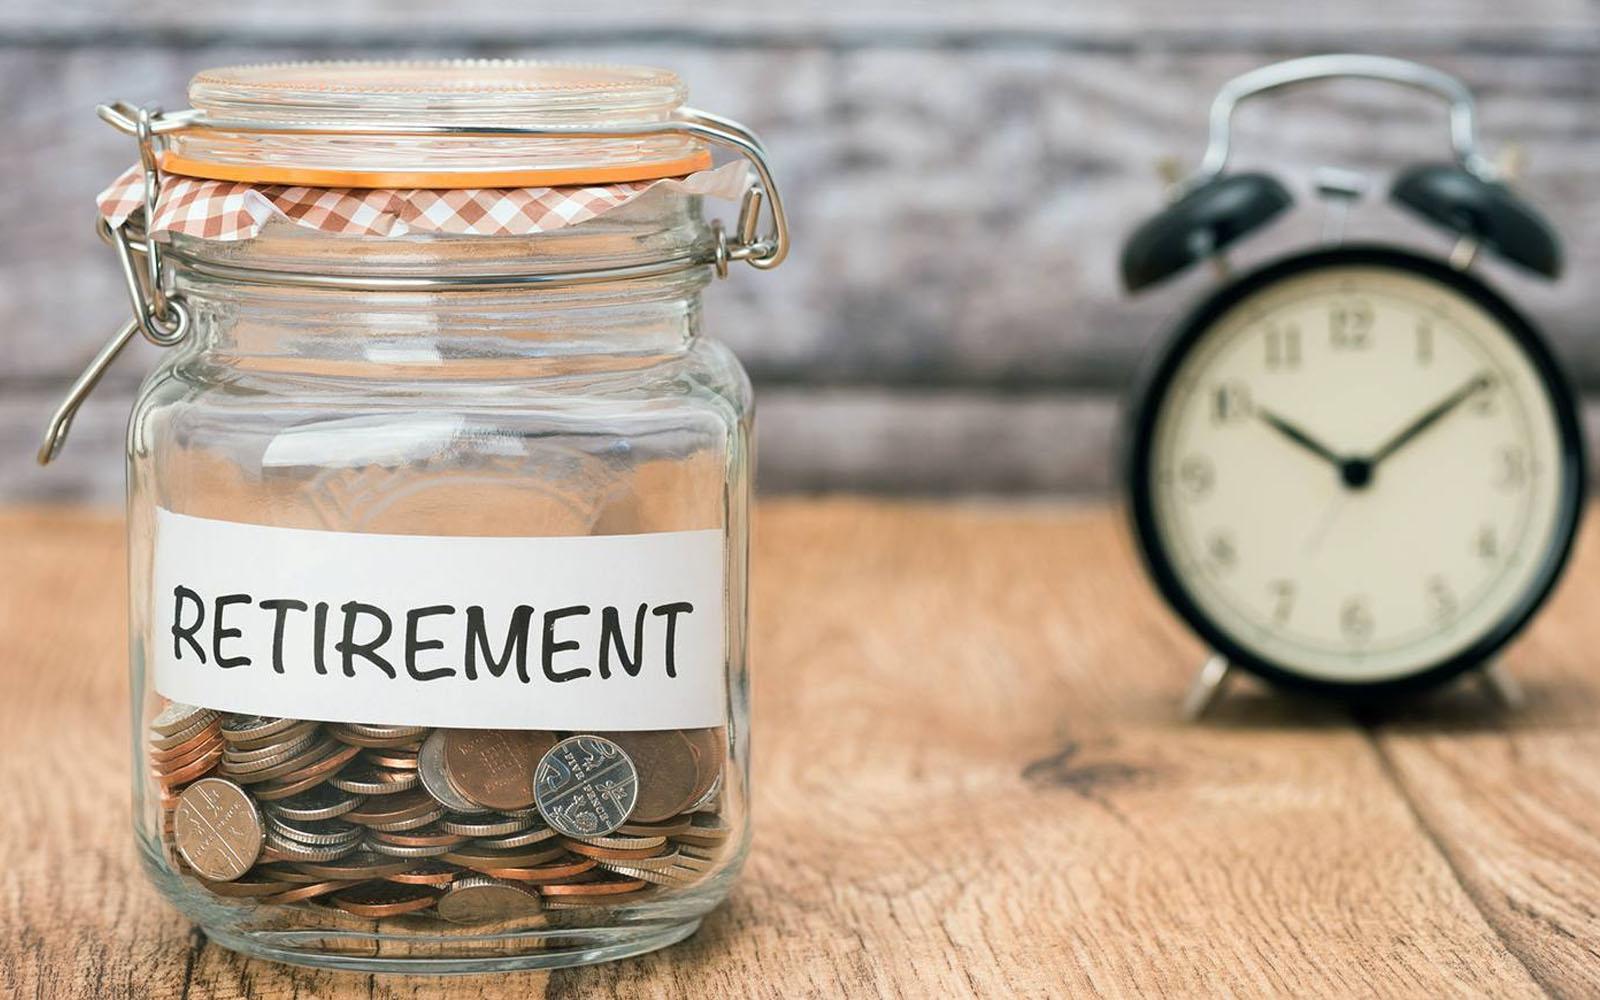 Wertheim bettingen pension fund ladbrokes betting slip expiry day